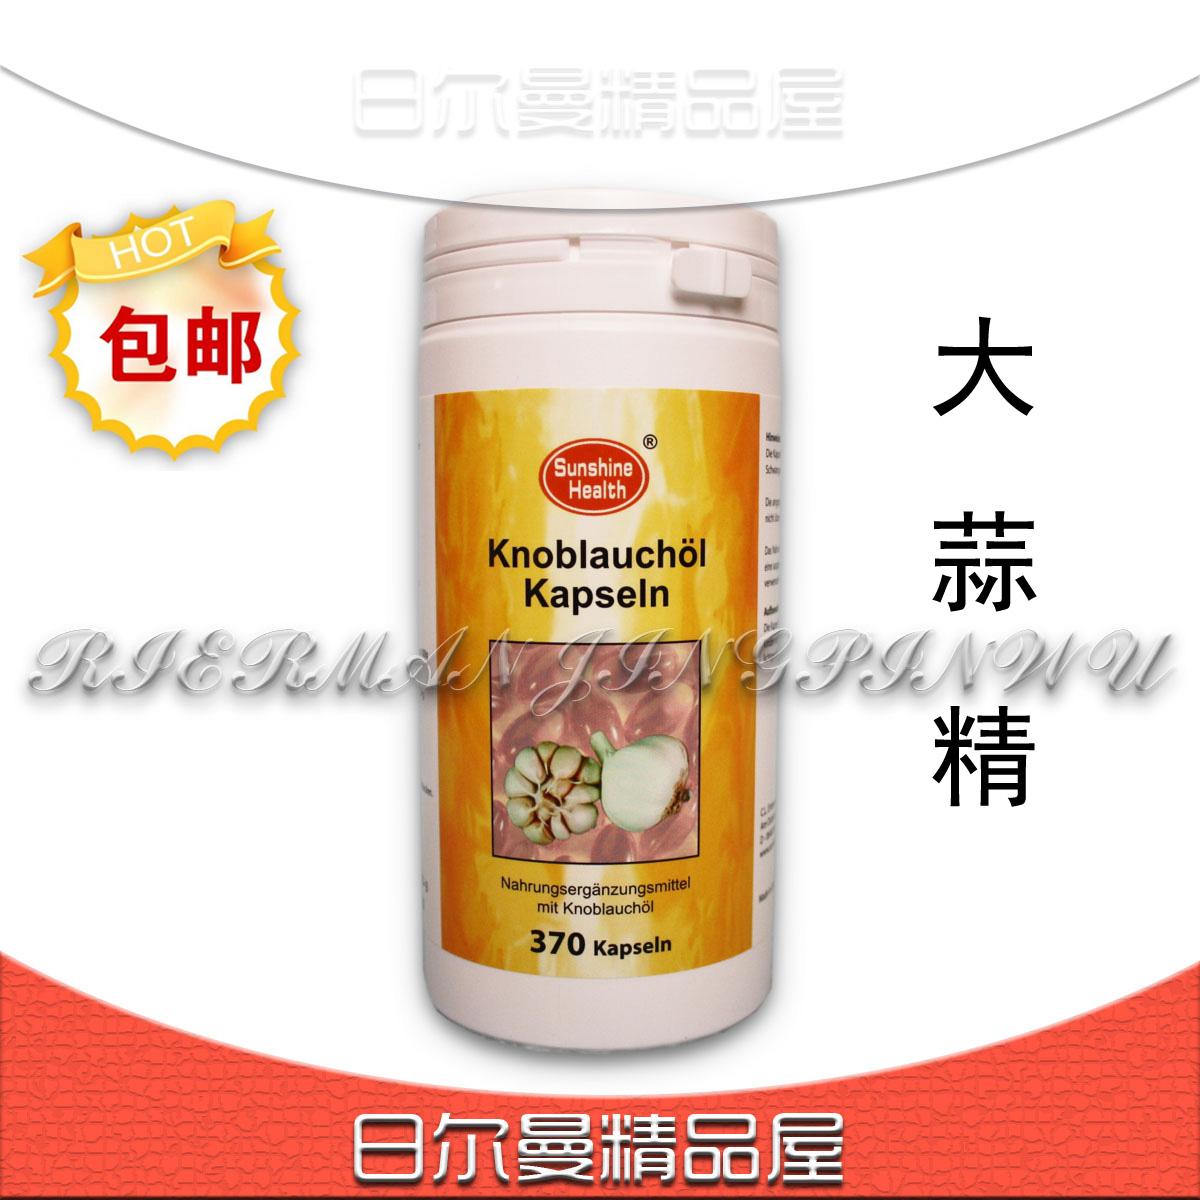 【 доверенность подлинный 】 немецкий оригинал Sunshine Health высокий концентрированный чеснок вегетарианец масло большой чеснок хорошо вегетарианец